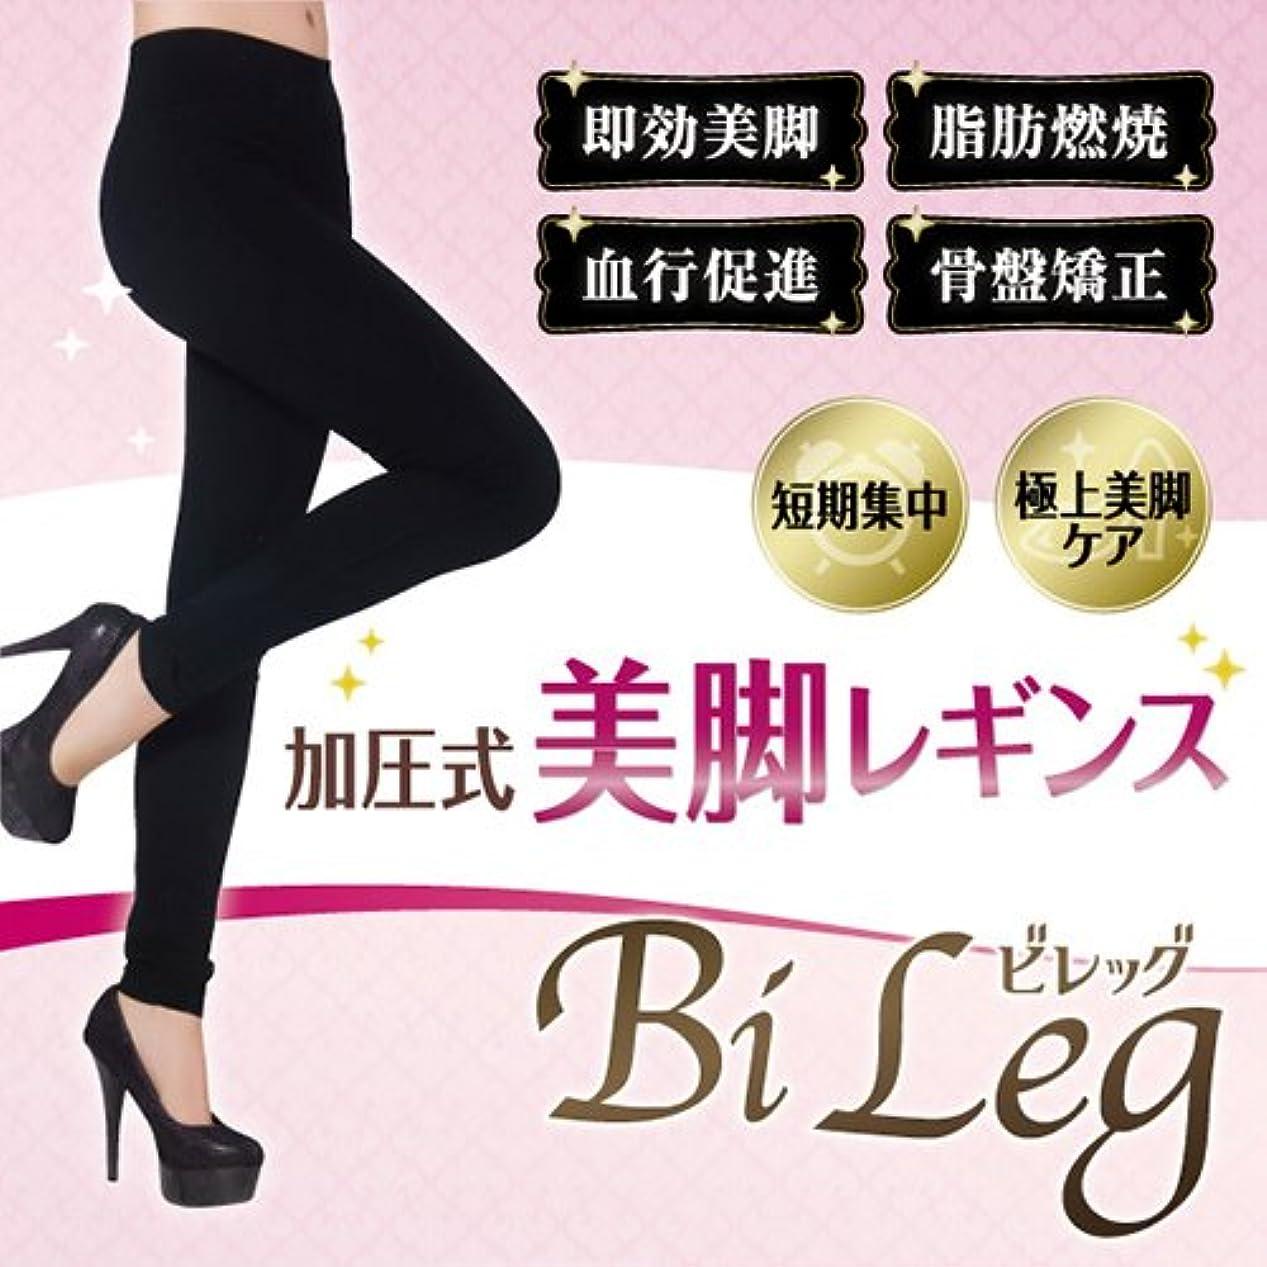 訴える溶融サッカー【送料無料3個セット】ビレッグ(Bi Leg) 着圧レギンス 着圧タイツ 骨盤矯正 美脚 脚痩せ